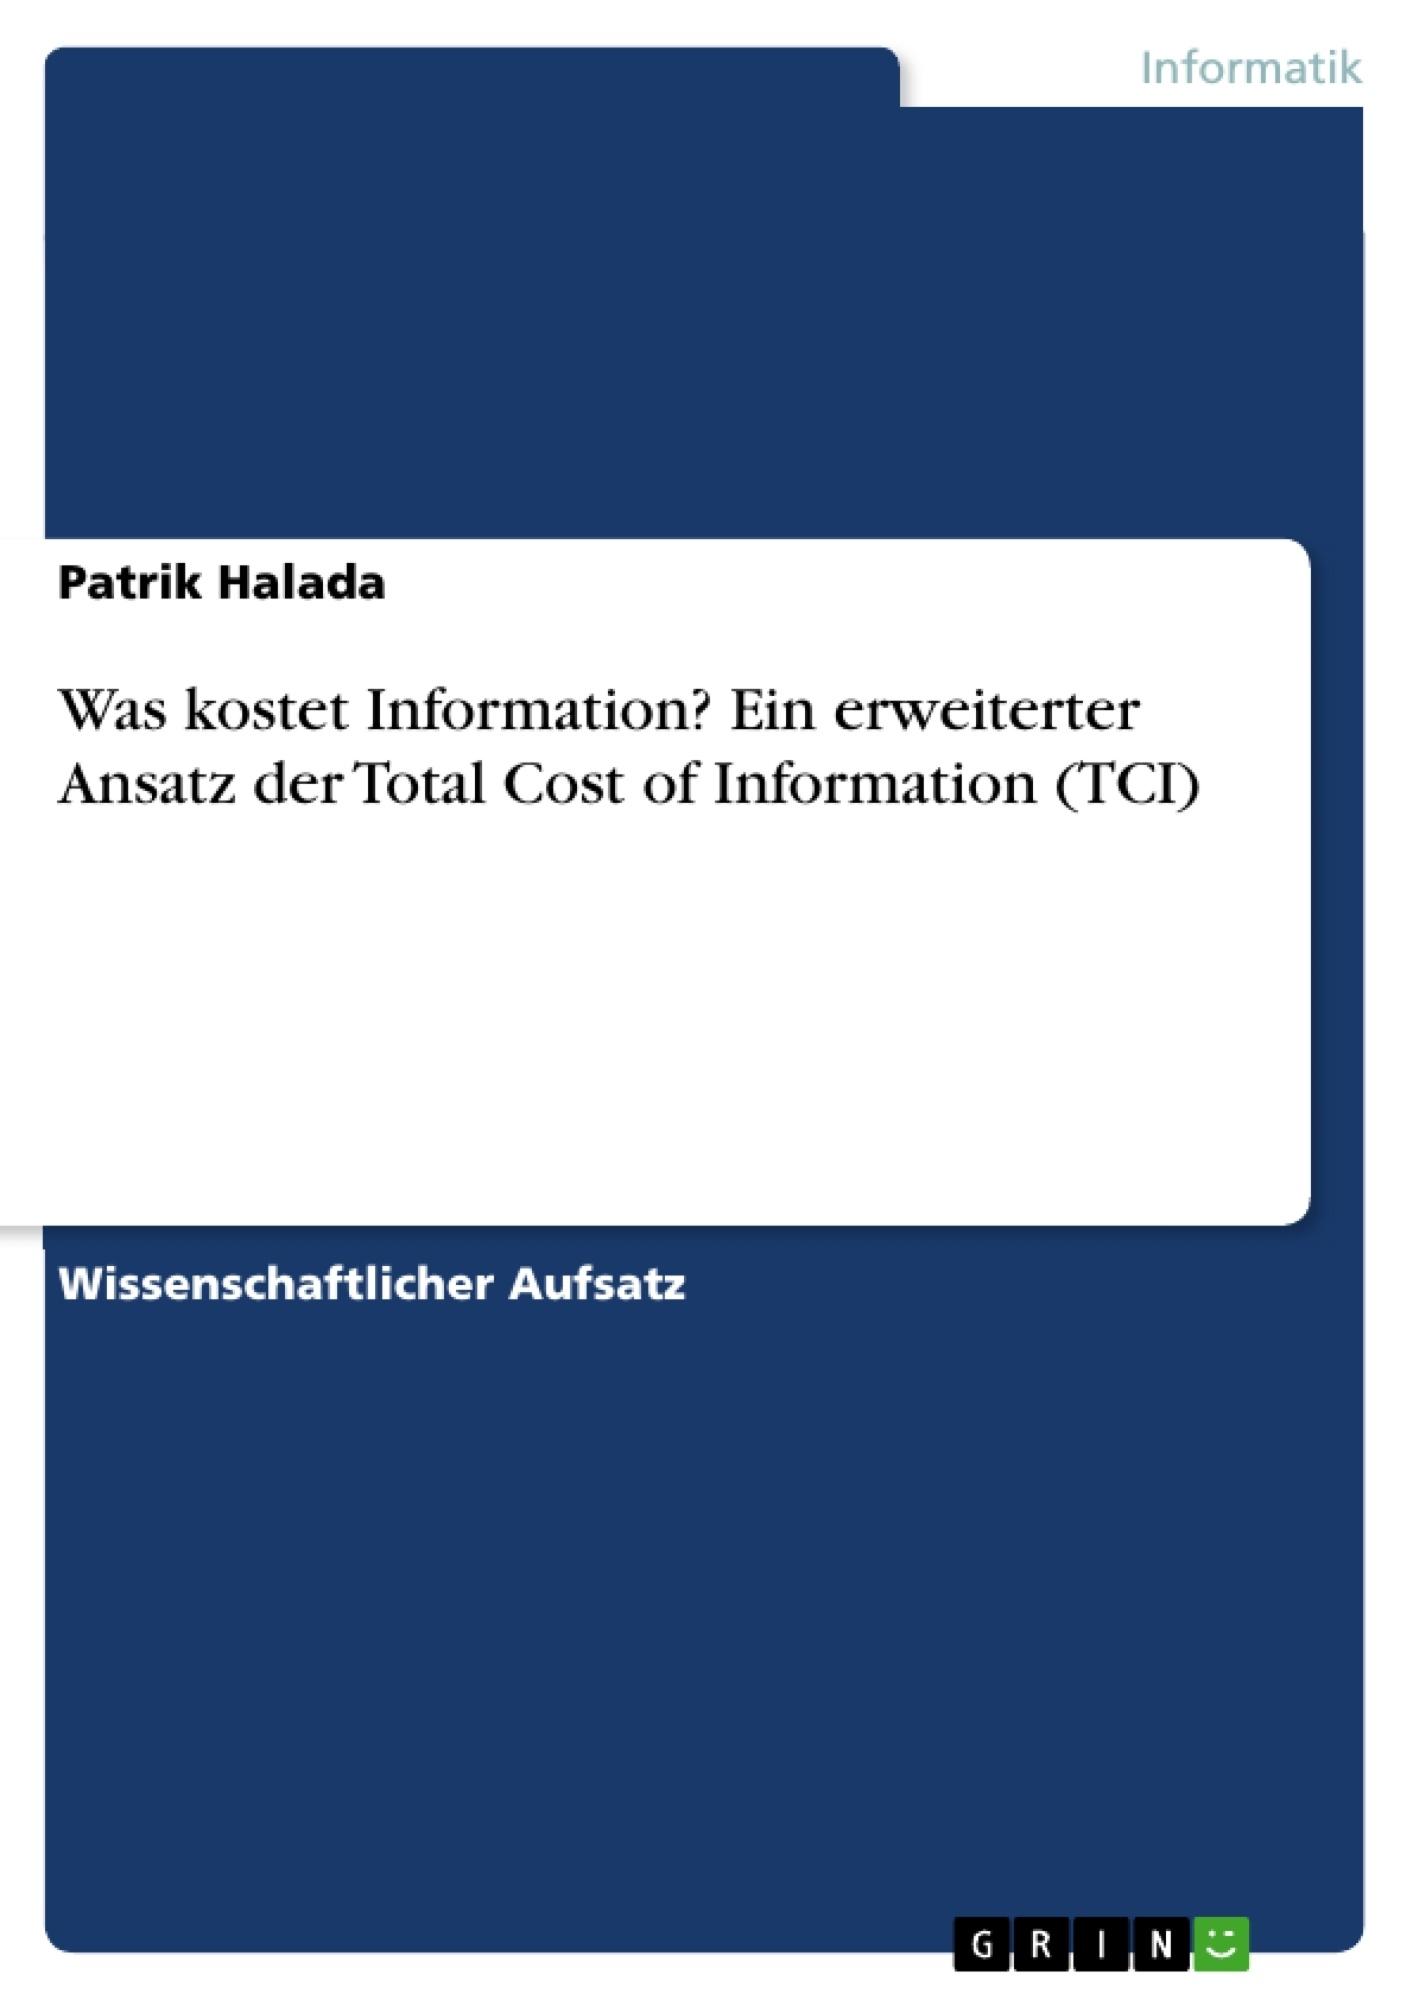 Titel: Was kostet Information? Ein erweiterter Ansatz der Total Cost of Information (TCI)